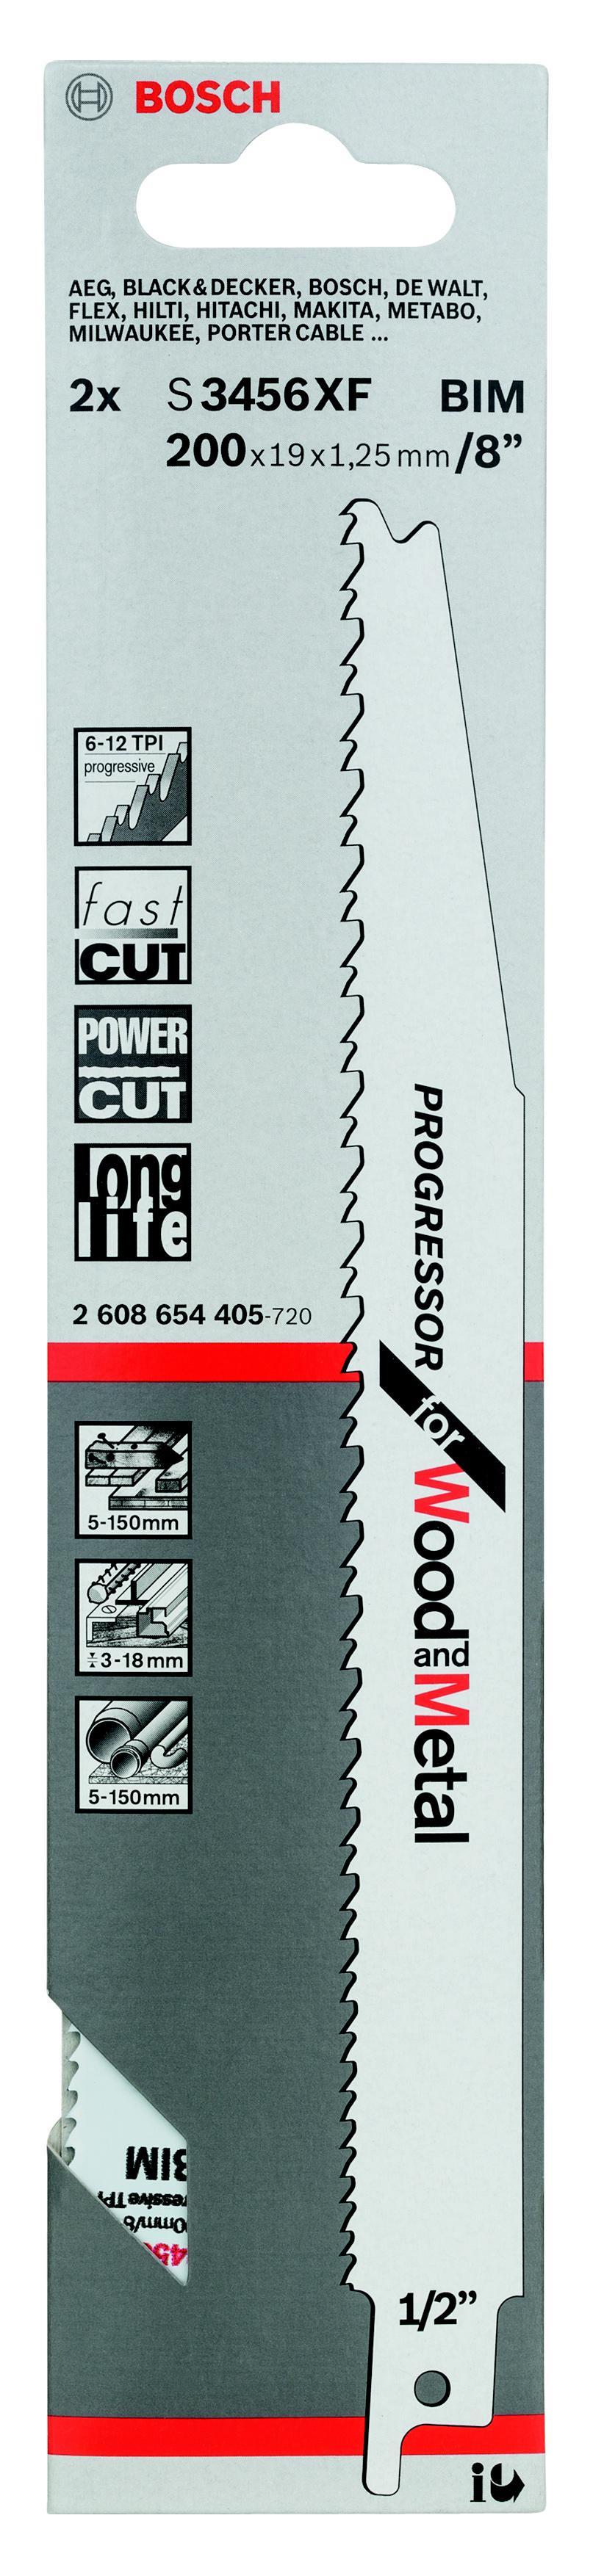 Купить Полотно для сабельной пилы Bosch S 3456 xf (2.608.654.405), Германия